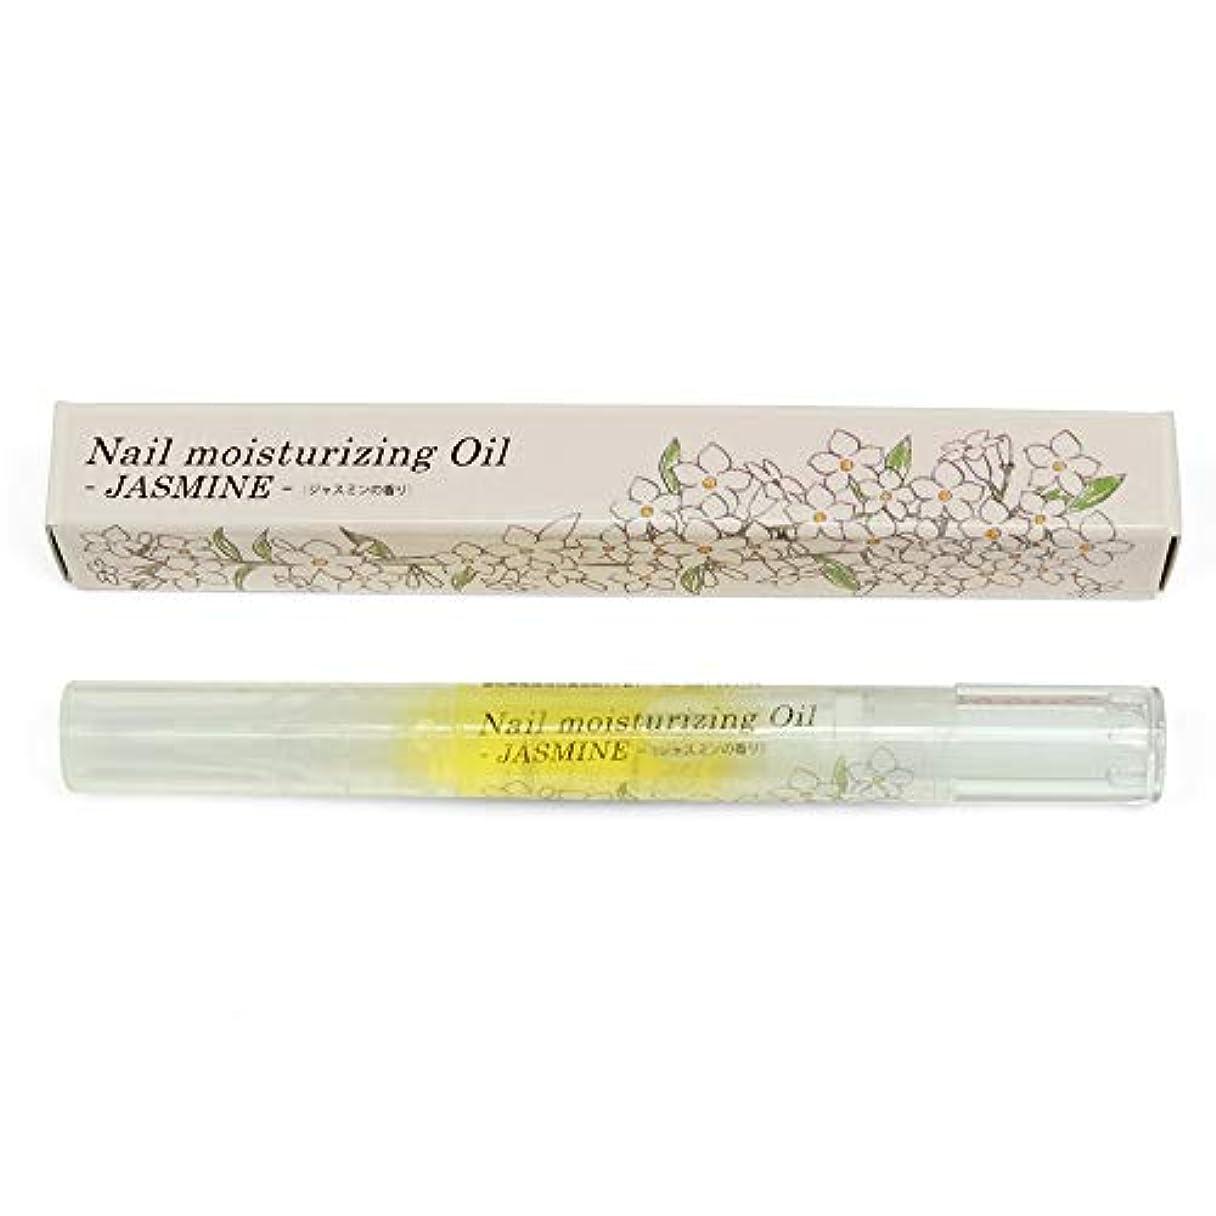 無数の鈍い注入するease Nail moisturizing Oil ネイルオイルペン(ジャスミンの香り) 2ml